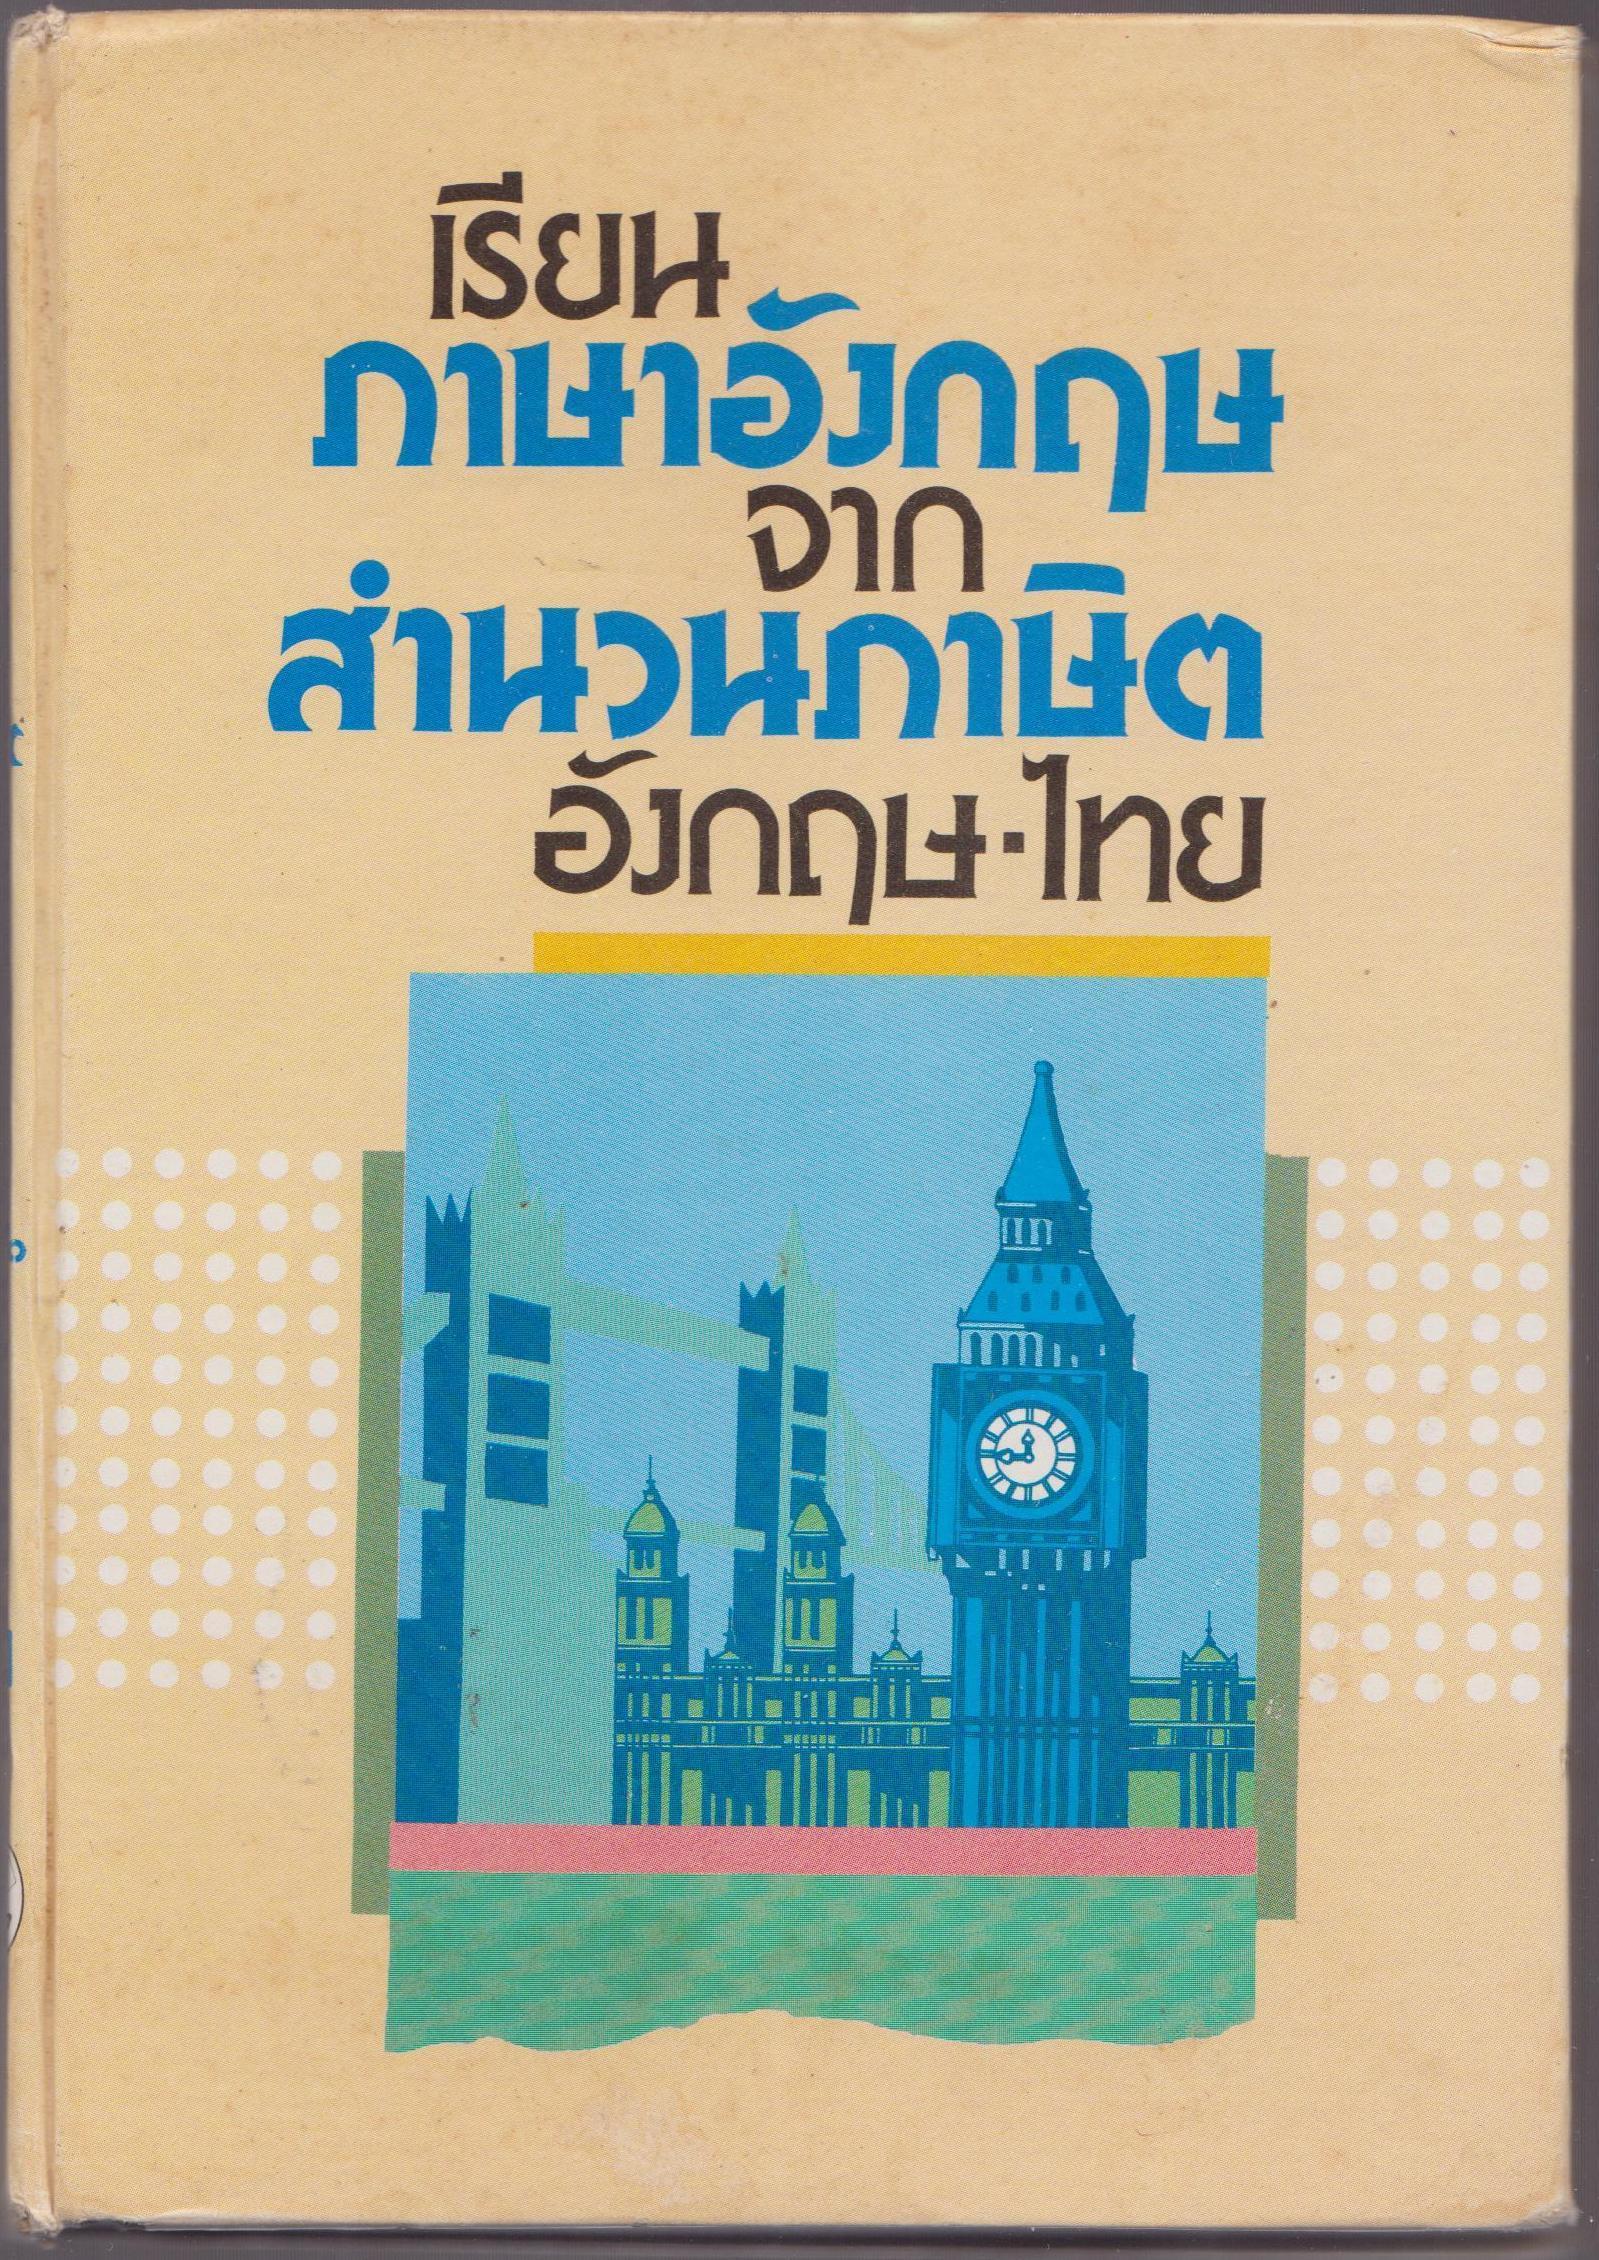 เรียนภาษาอังกฤษ จากสำนวนภาษิต อังกฤษ-ไทย